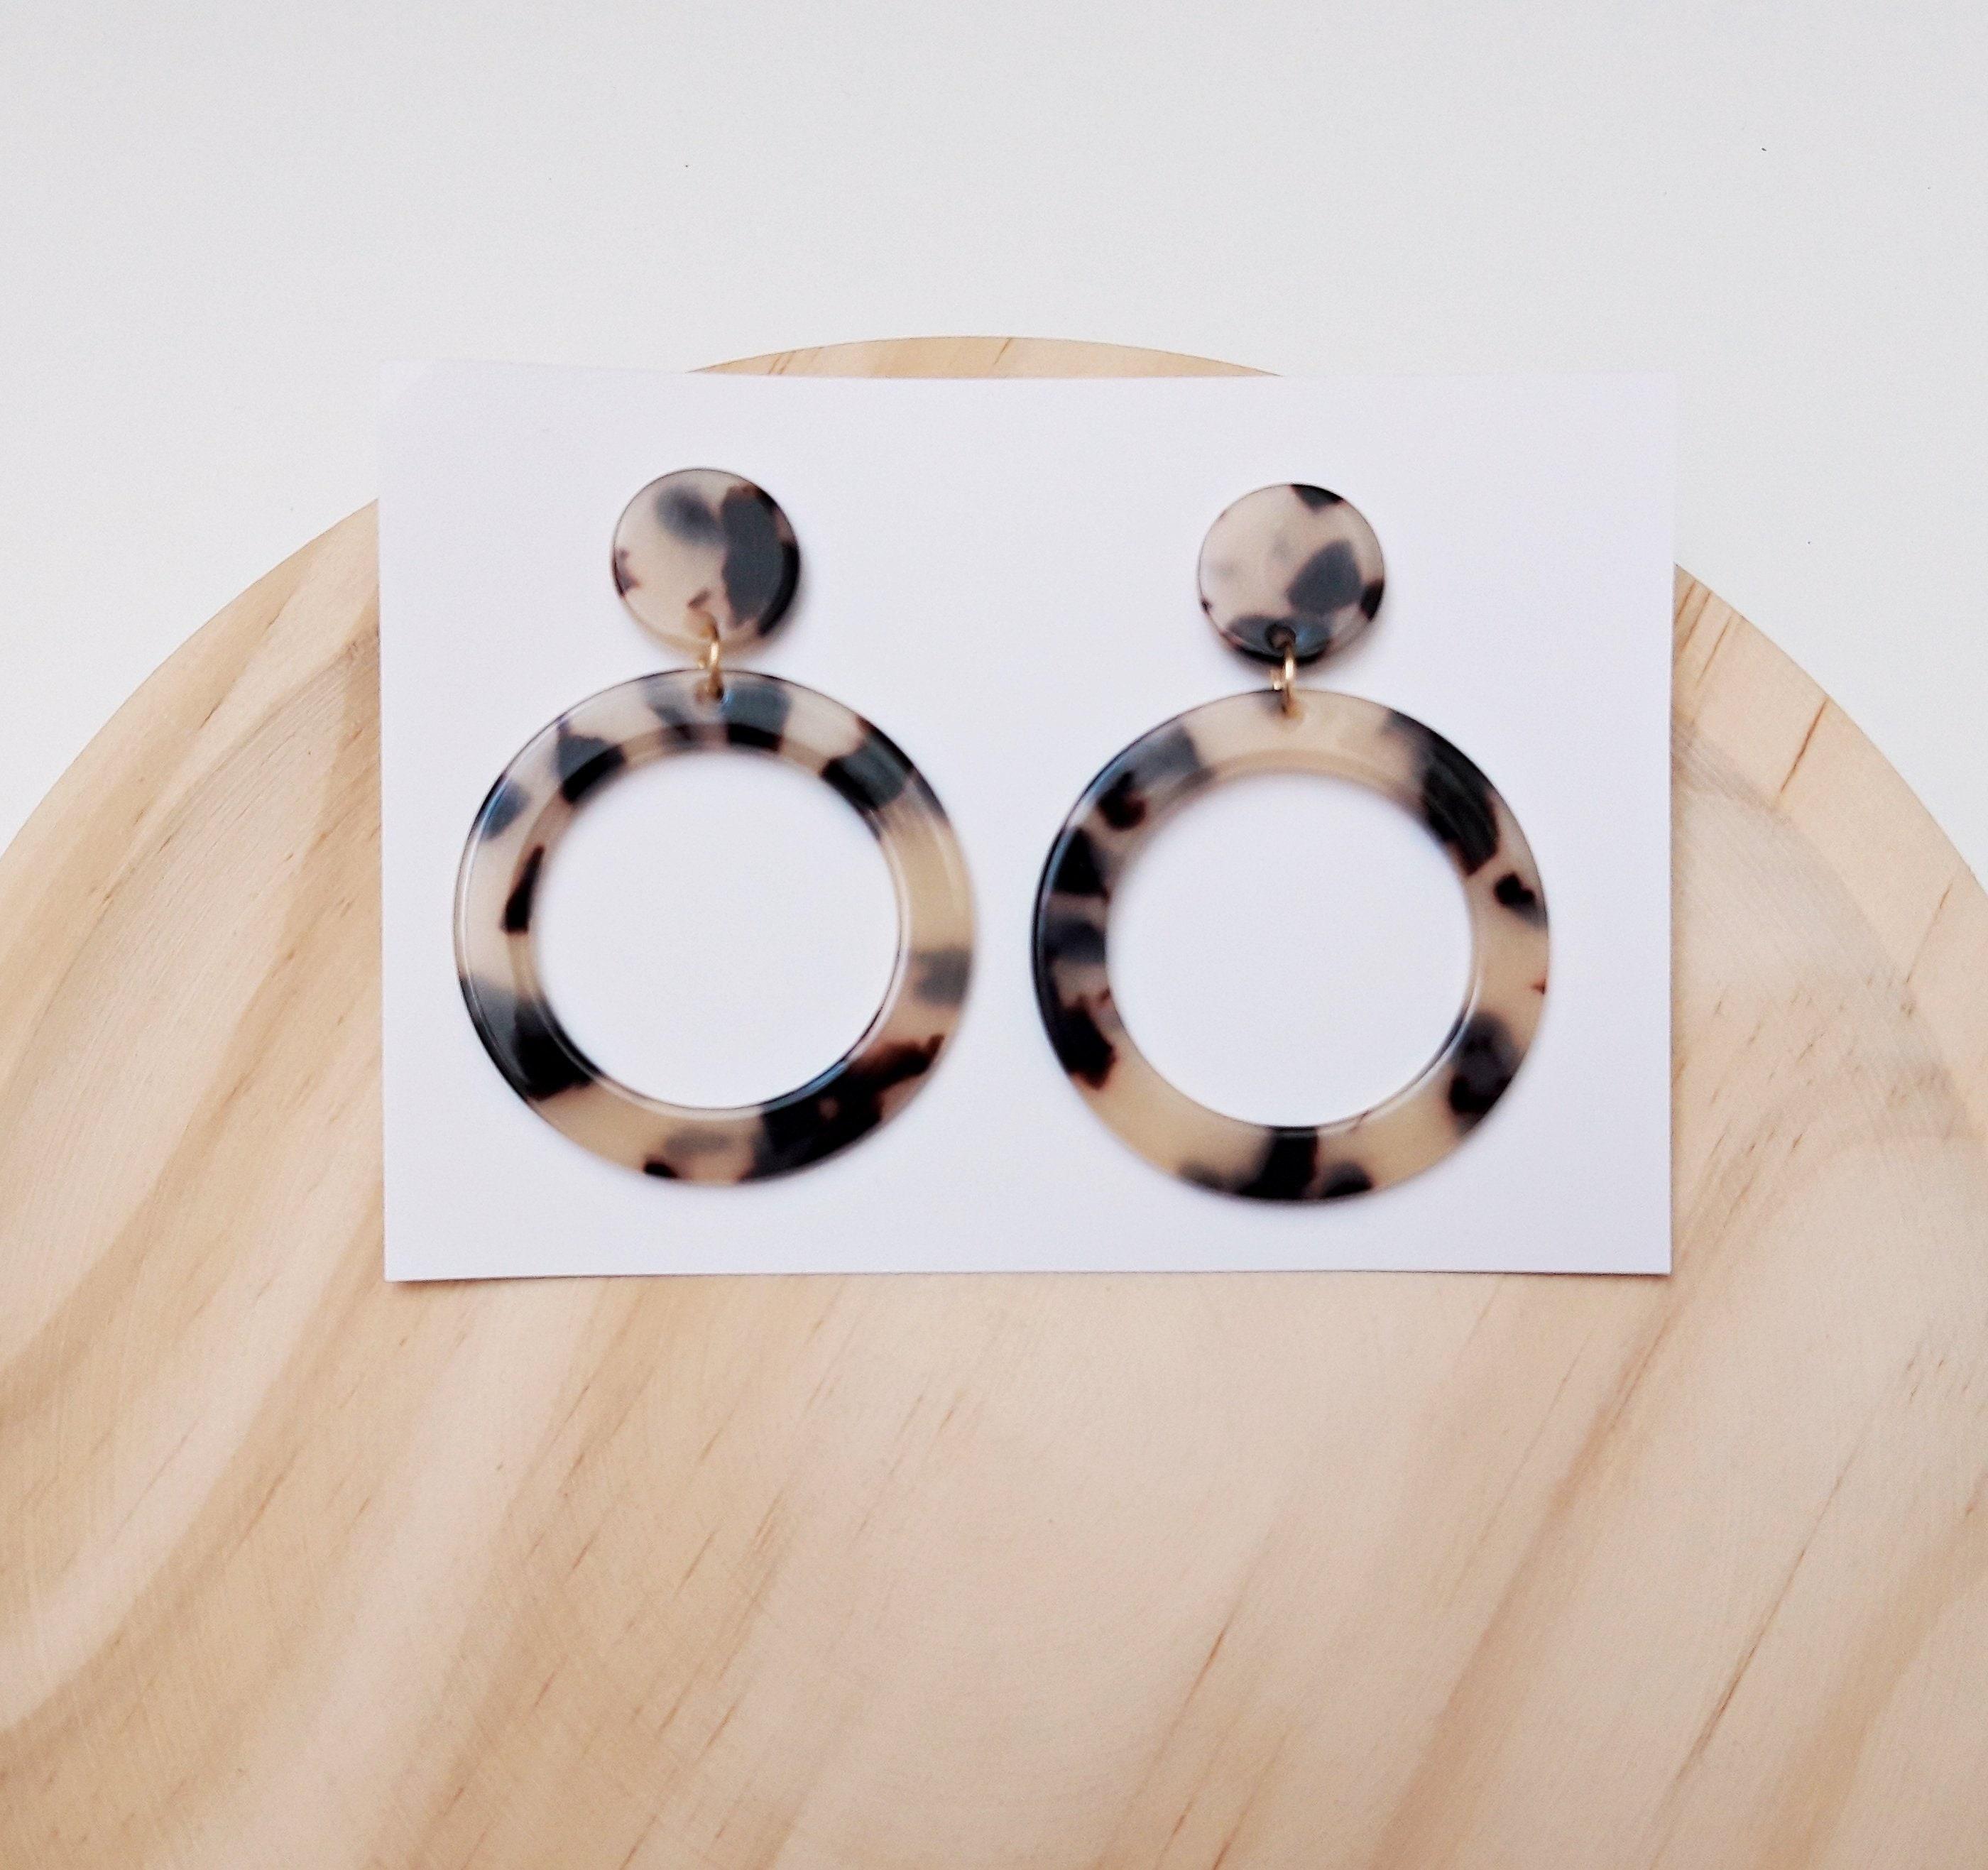 resin circle stud earrings Super cute turtle tortoise